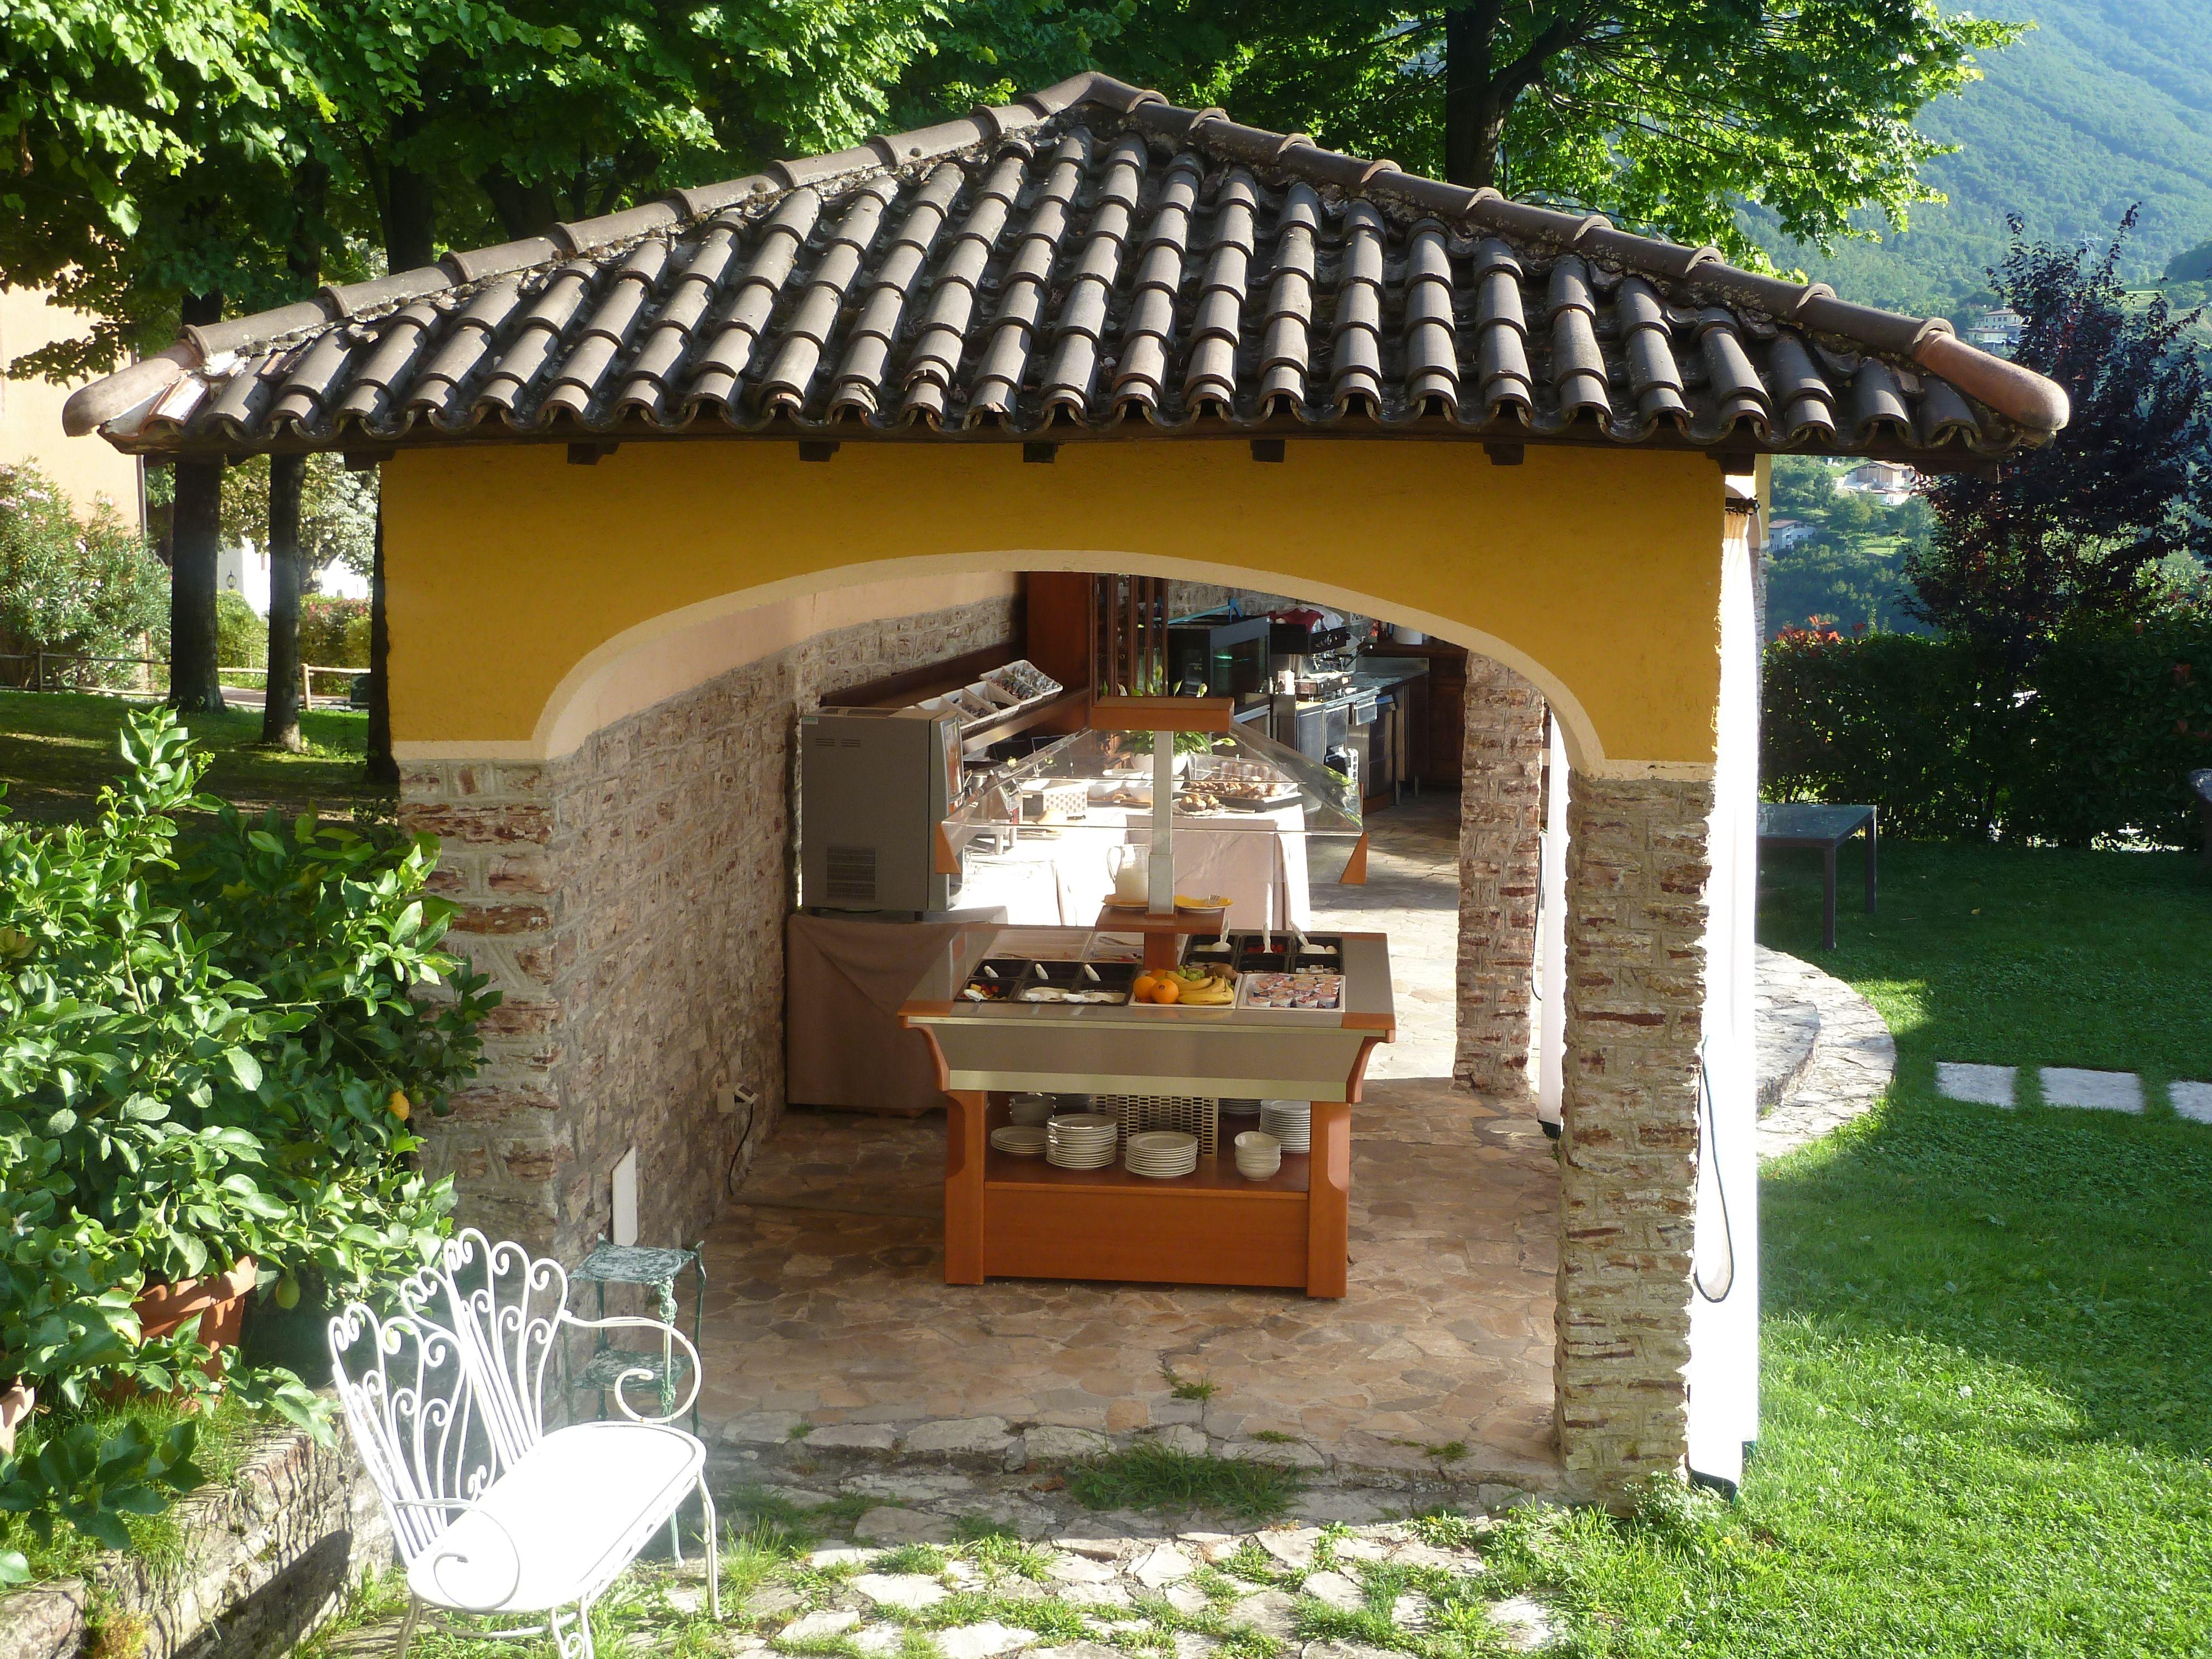 Today Breakfast at Villa Sostaga. ilovesotaga Outdoor